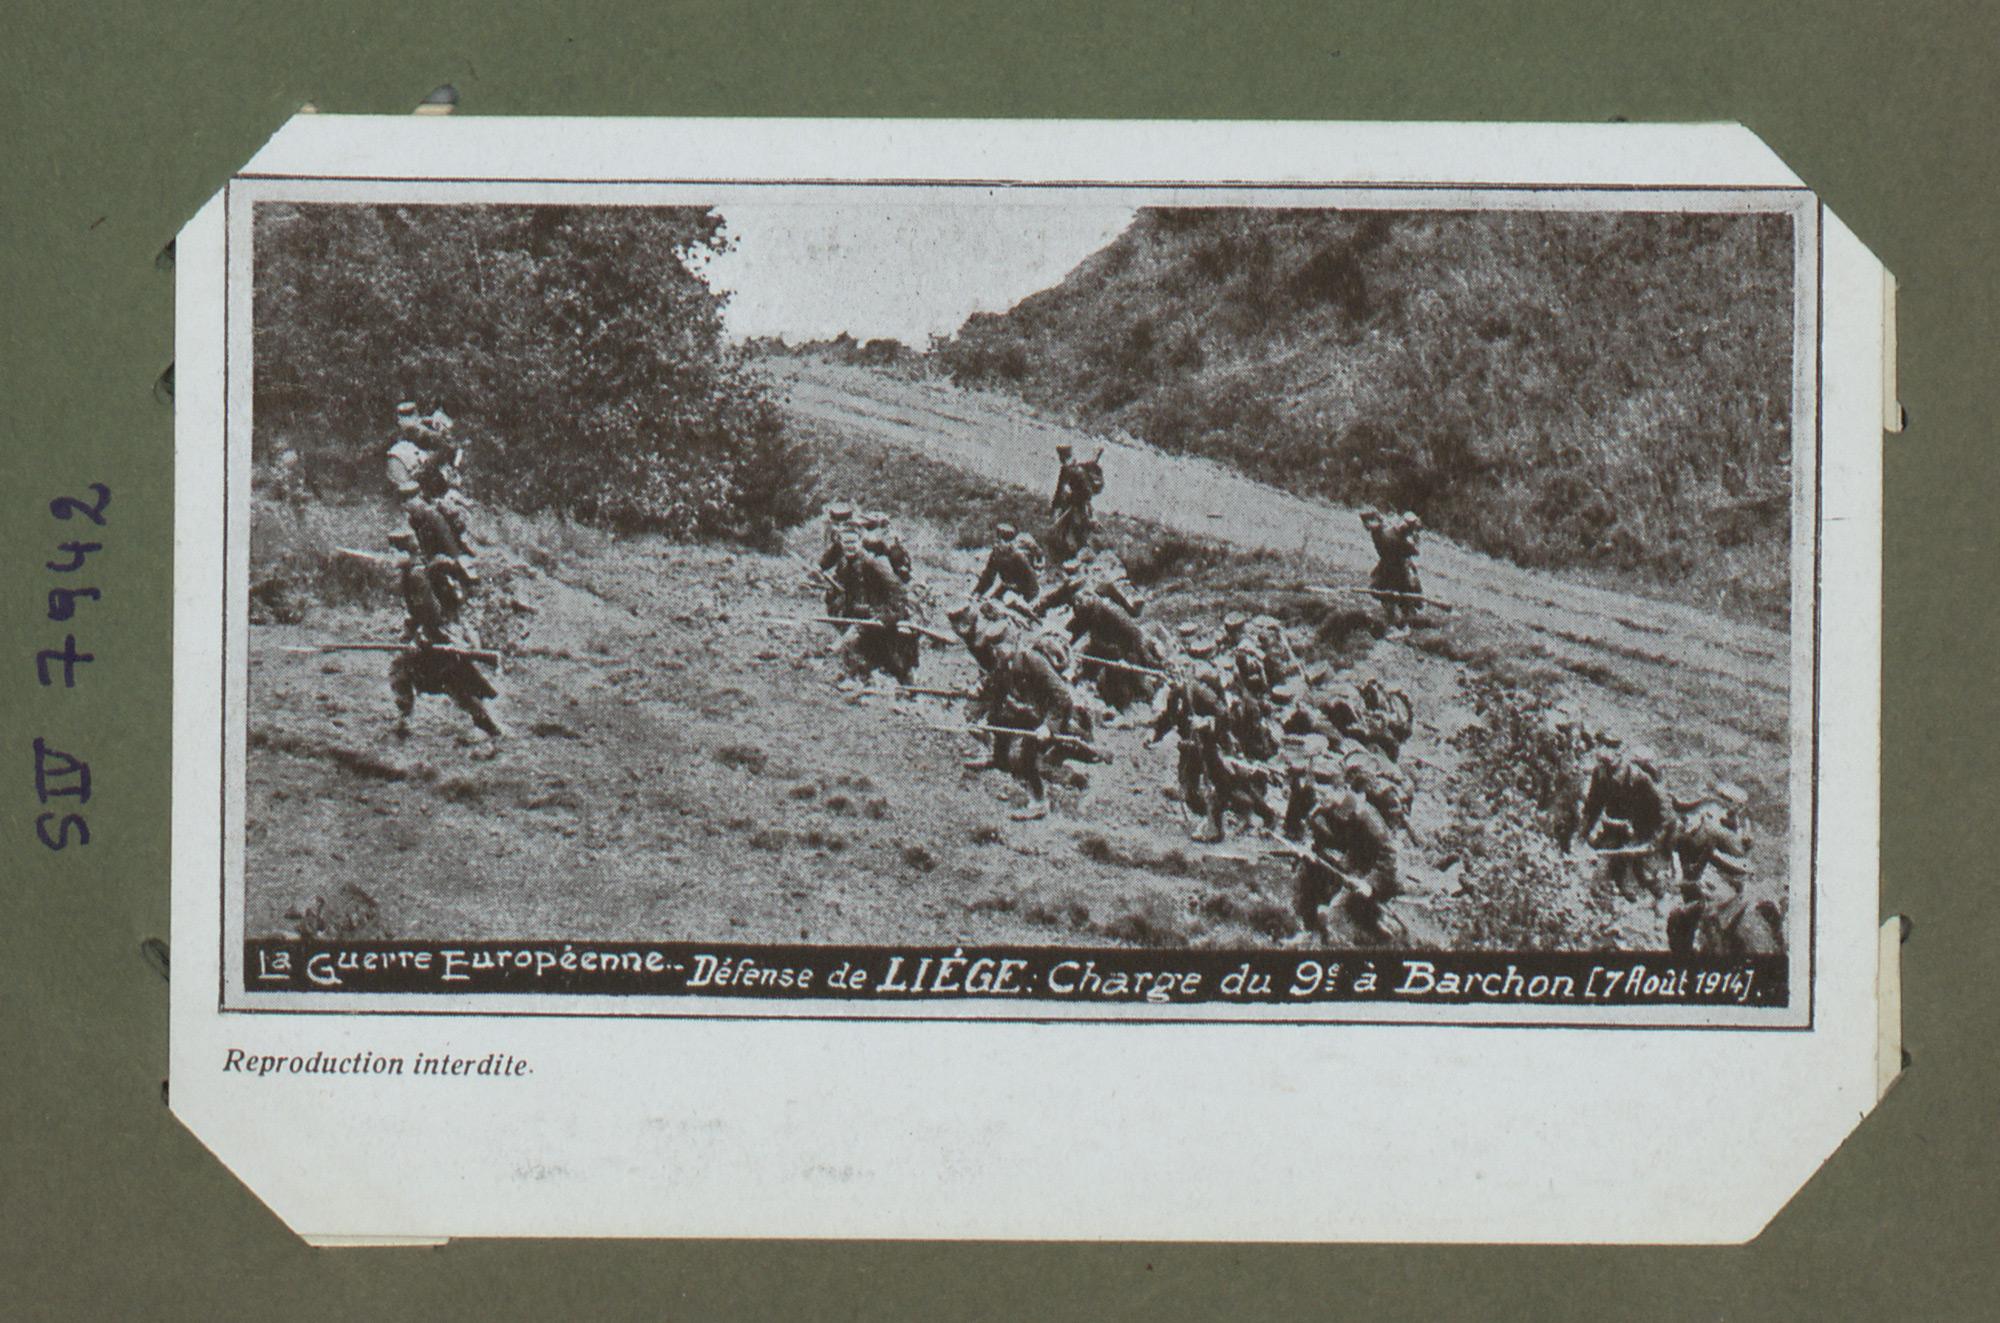 La guerre Européenne. Défense de Liège : charge du 9e à Barchon (7 Août 1914)